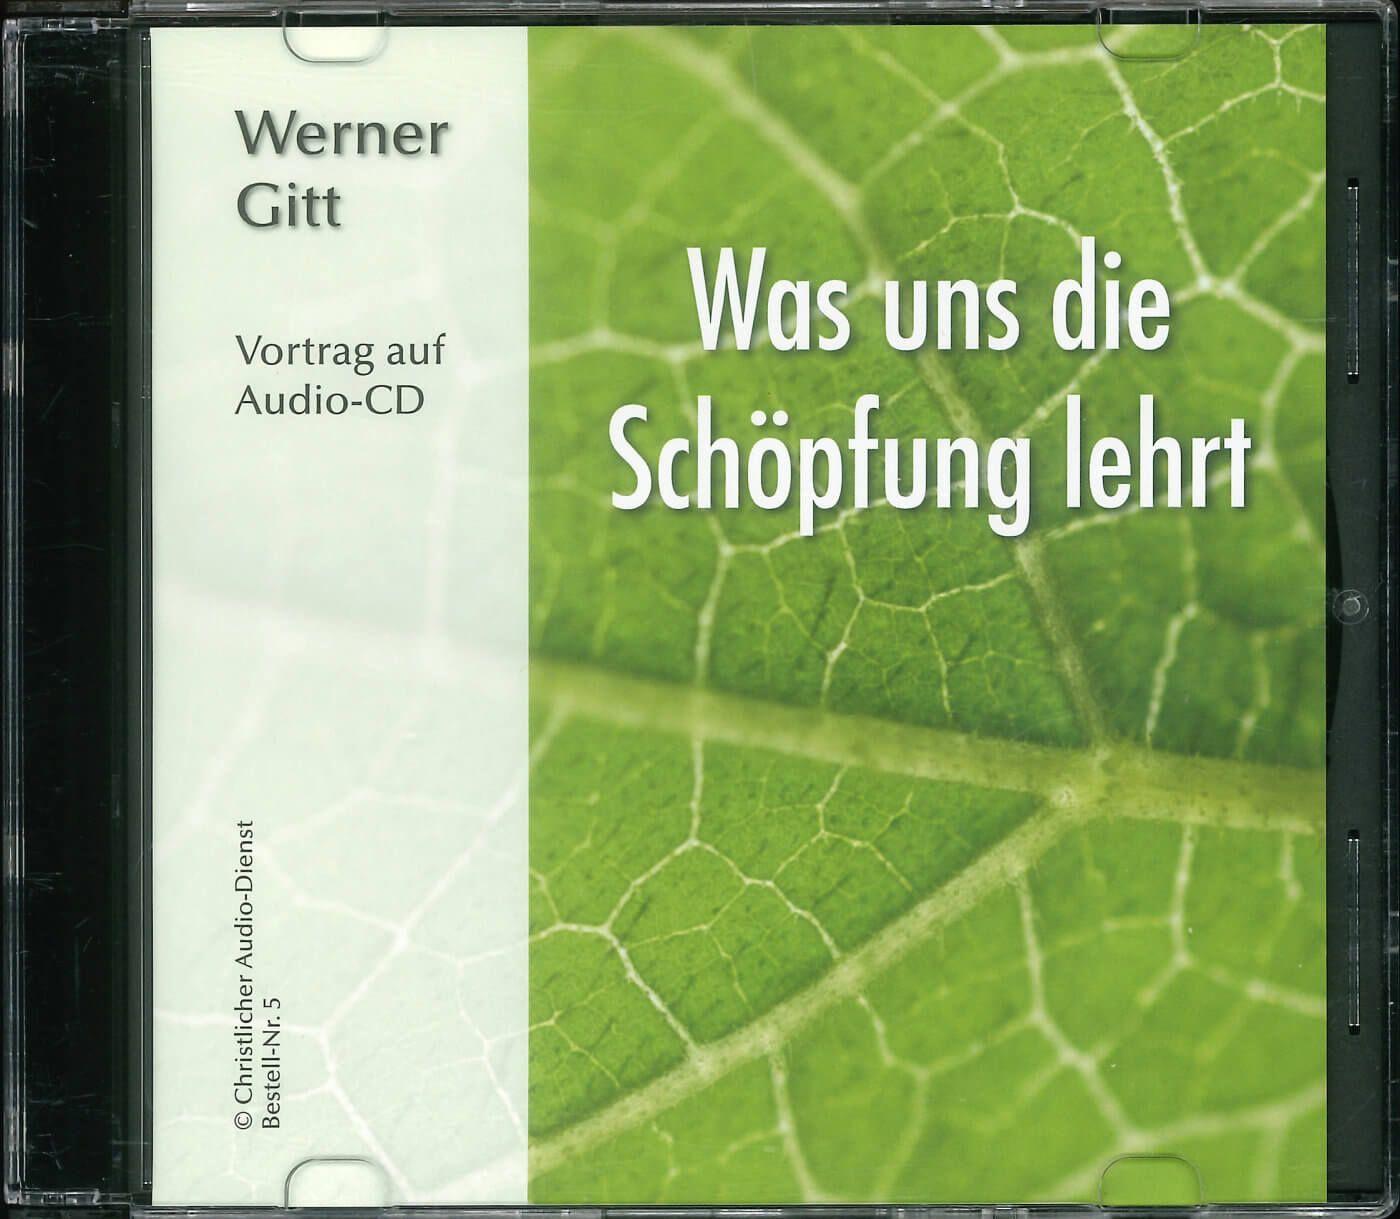 Was uns die Schöpfung lehrt  - Audio CD